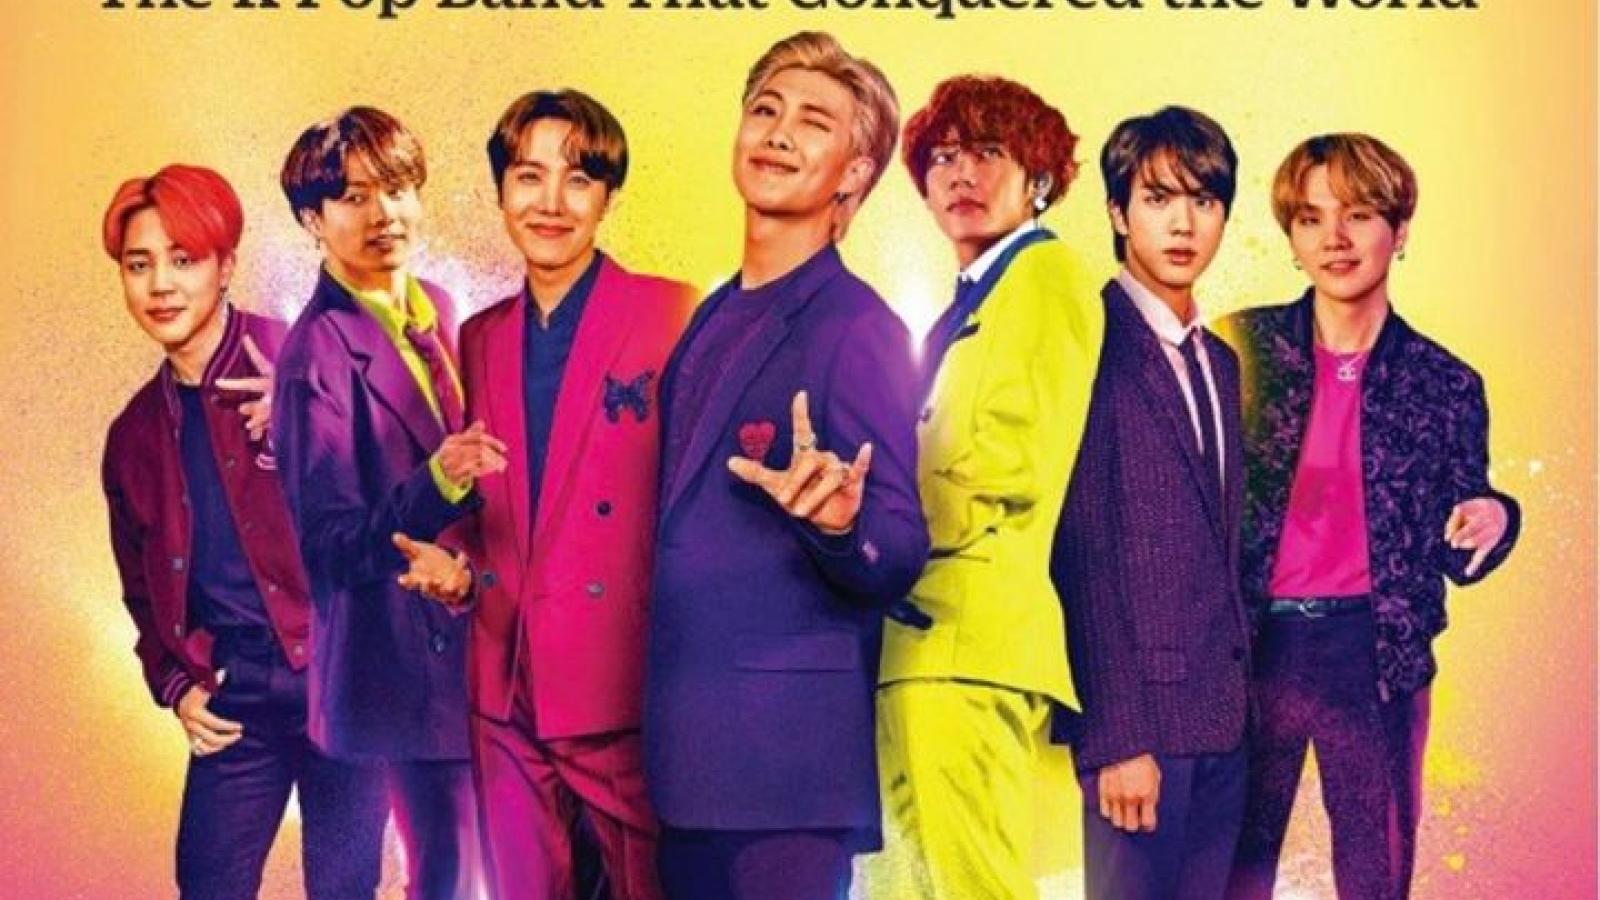 Nhóm nhạc BTS được vinh danh trên tạp chí TIME số đặc biệt